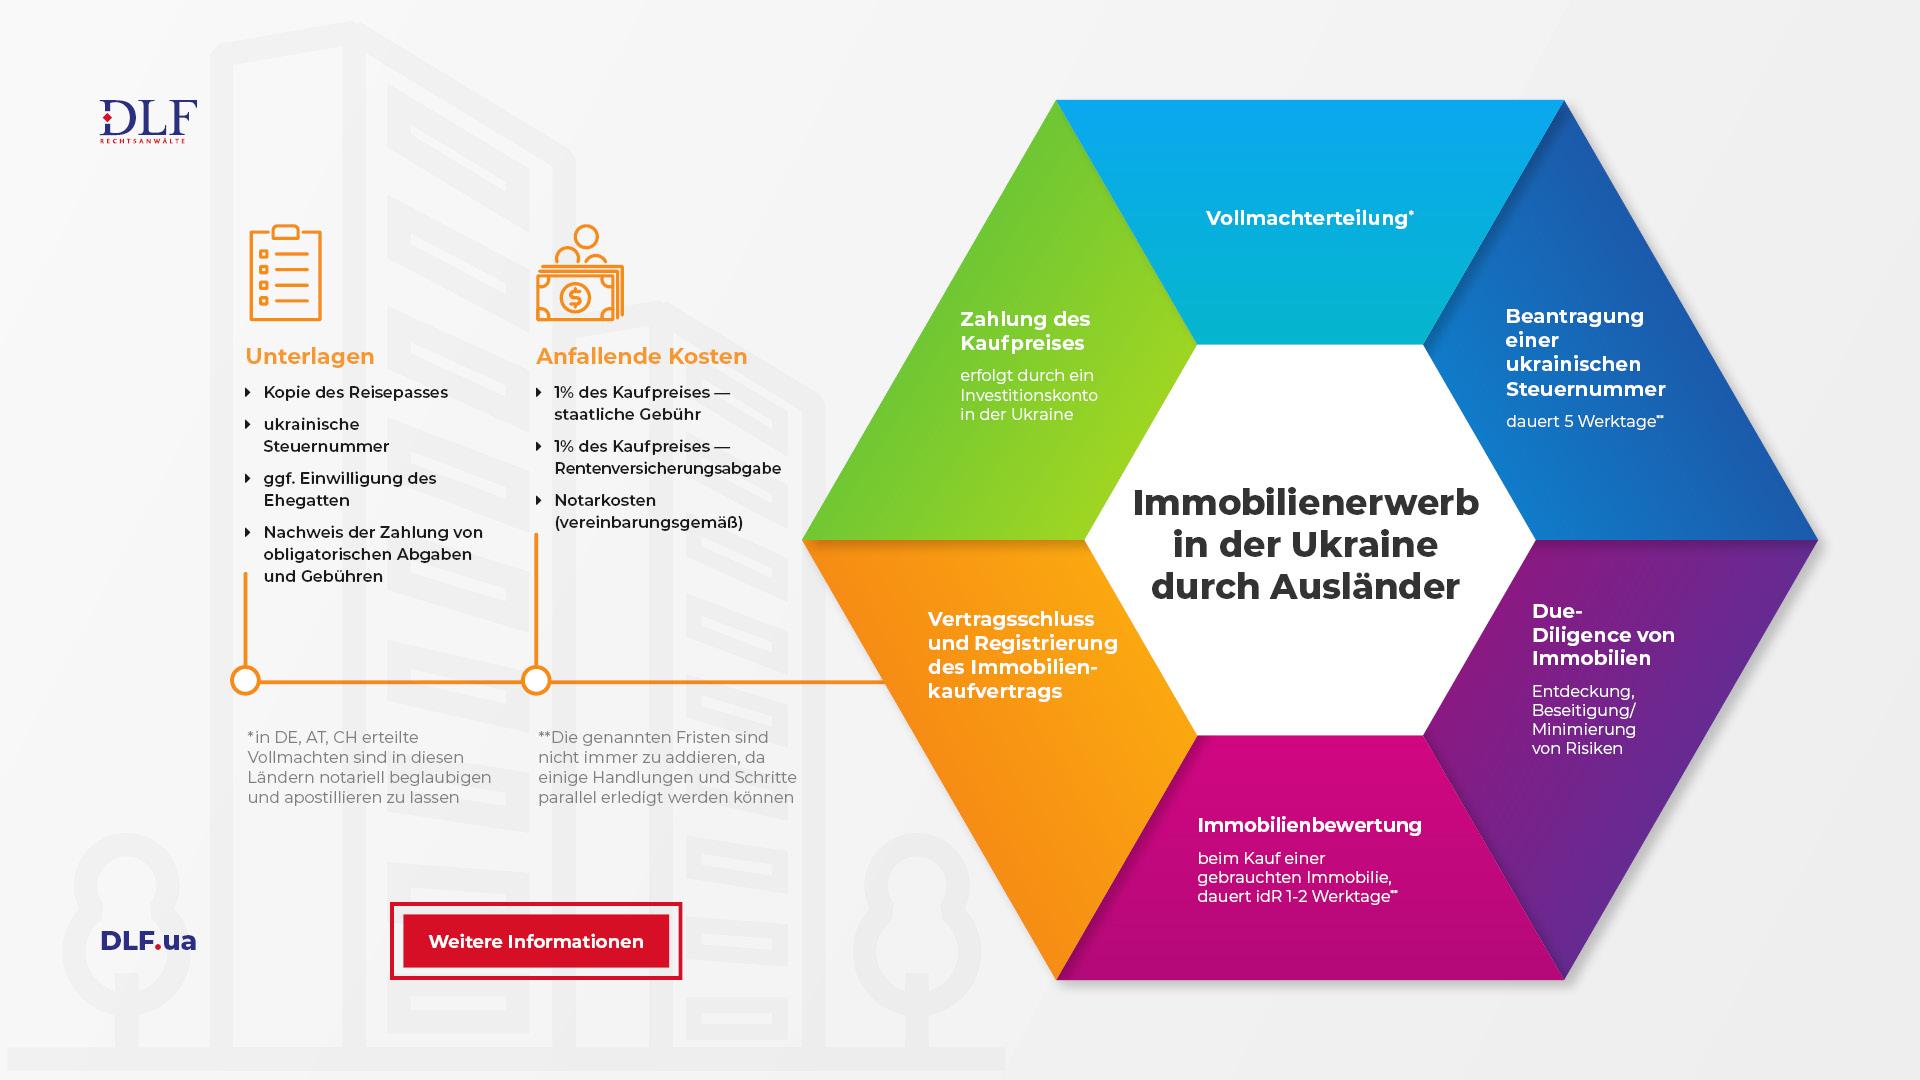 Immobilienerwerb in der Ukraine - Wohnung kaufen Ukraine - DLF Rechtsanwaelte Ukraine - Infografik